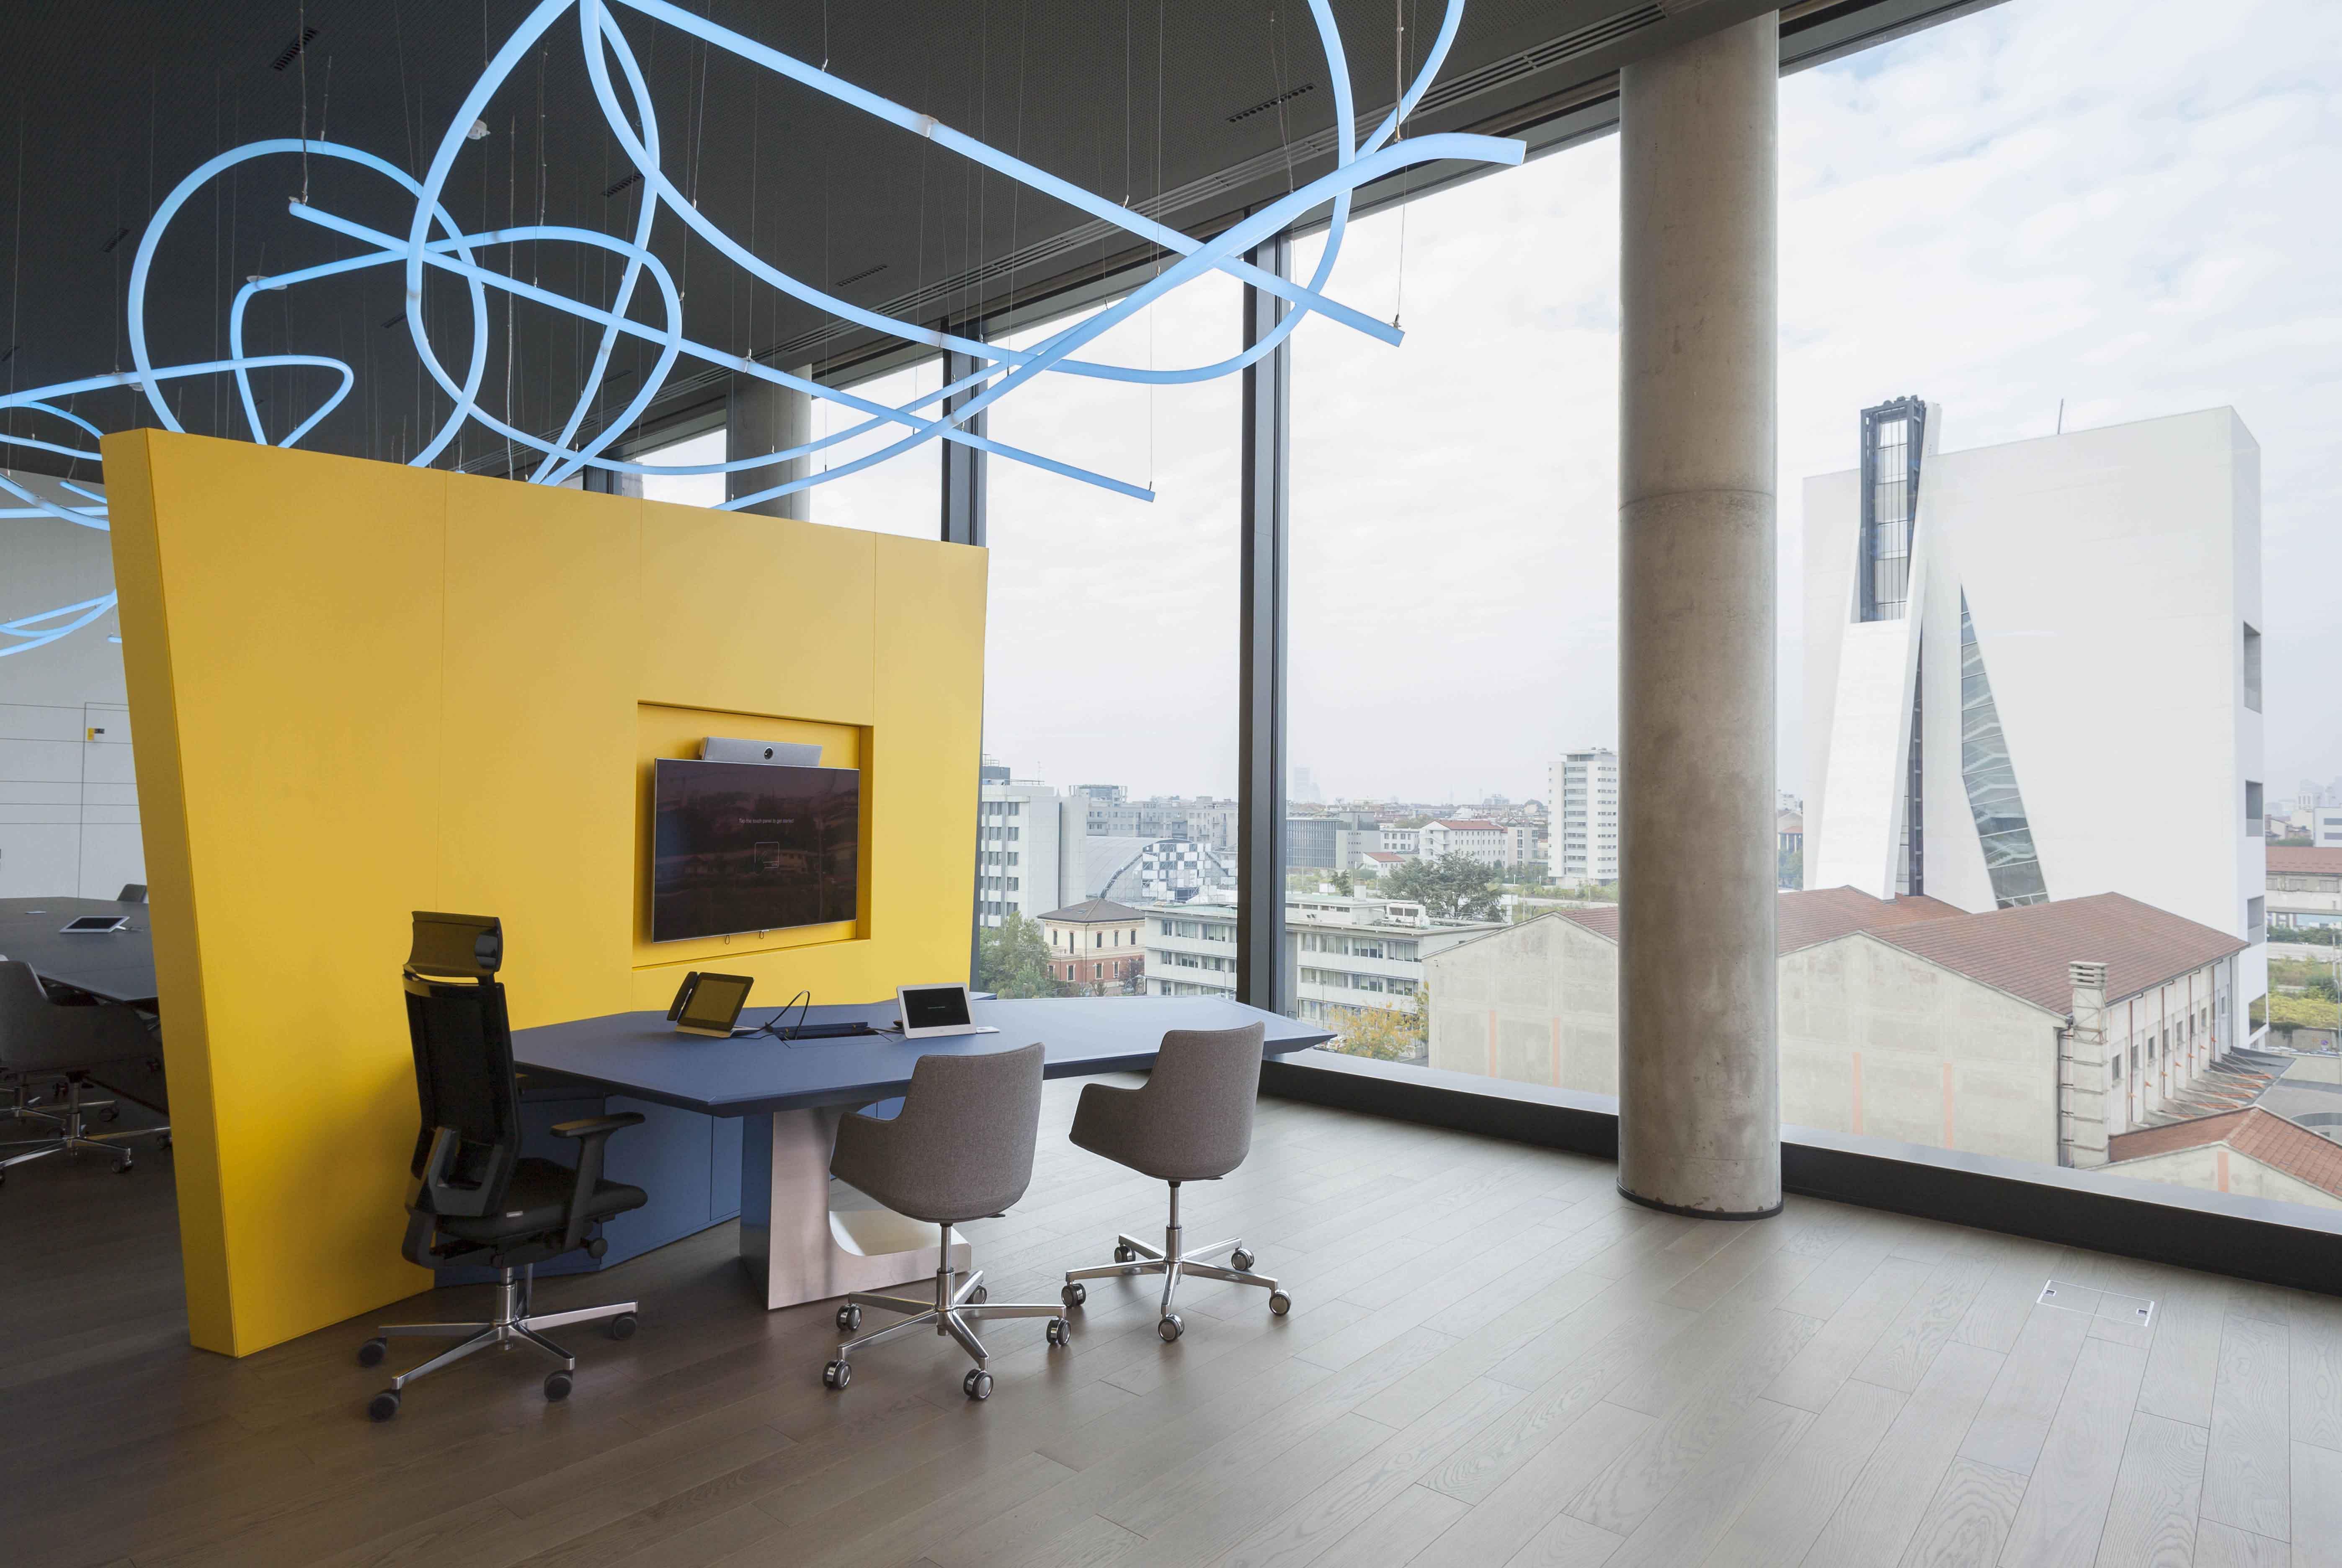 Ufficio AD con vista su Fondazione Prada Paolo Riolzi